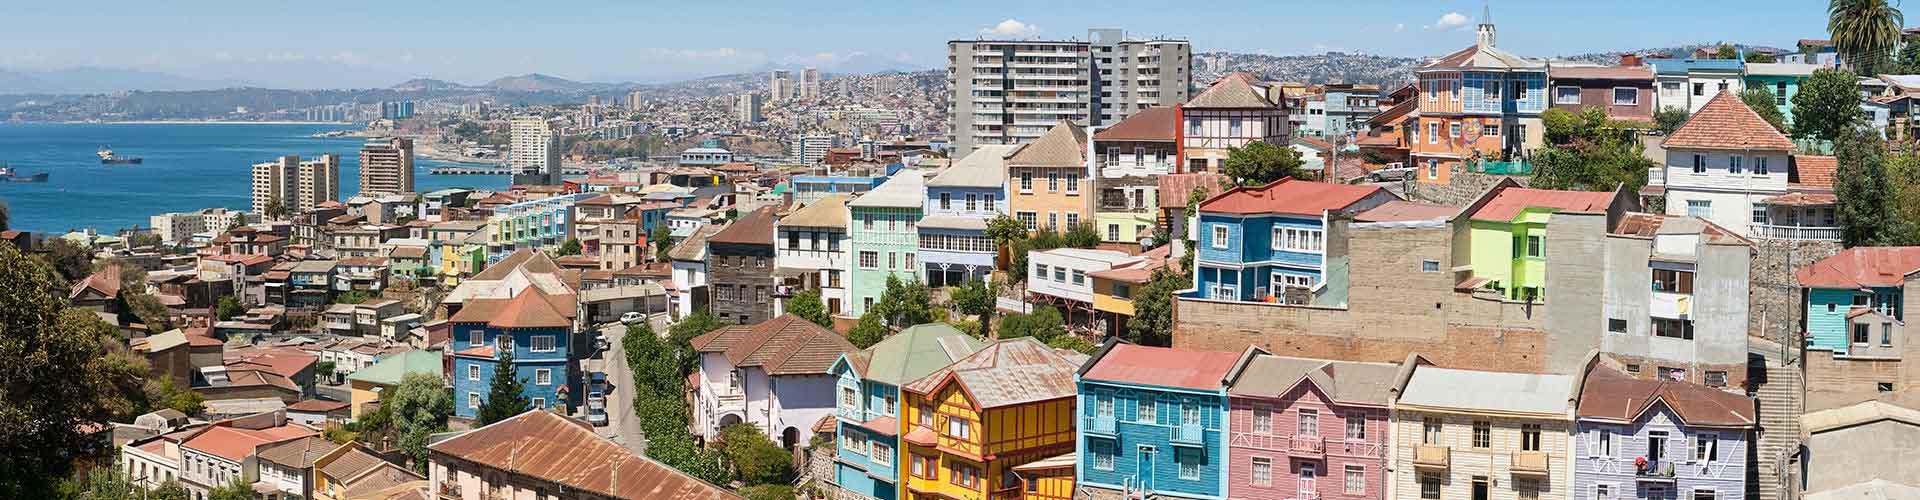 Valparaiso - Hostelů v Valparaiso. Mapy pro Valparaiso, fotky a recenze pro každý hostel v Valparaiso.